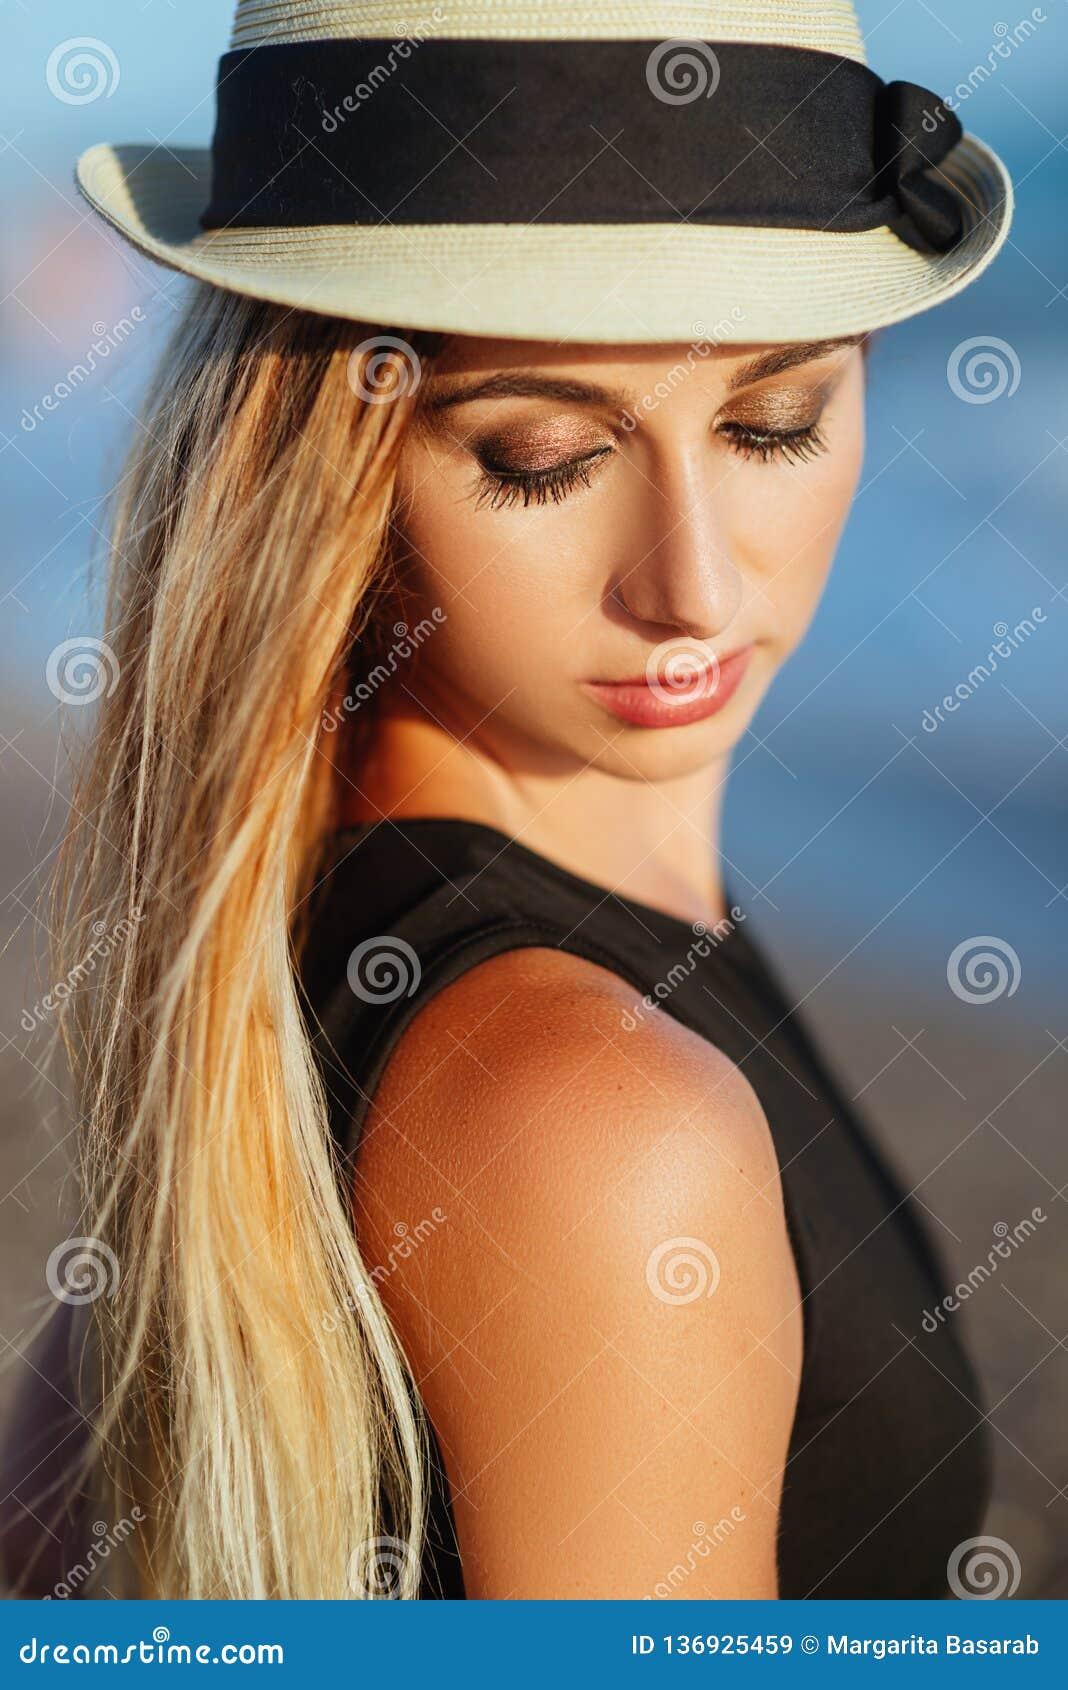 Υπαίθριο πορτρέτο τρόπου ζωής του όμορφου κοριτσιού στο μαύρο μαγιό